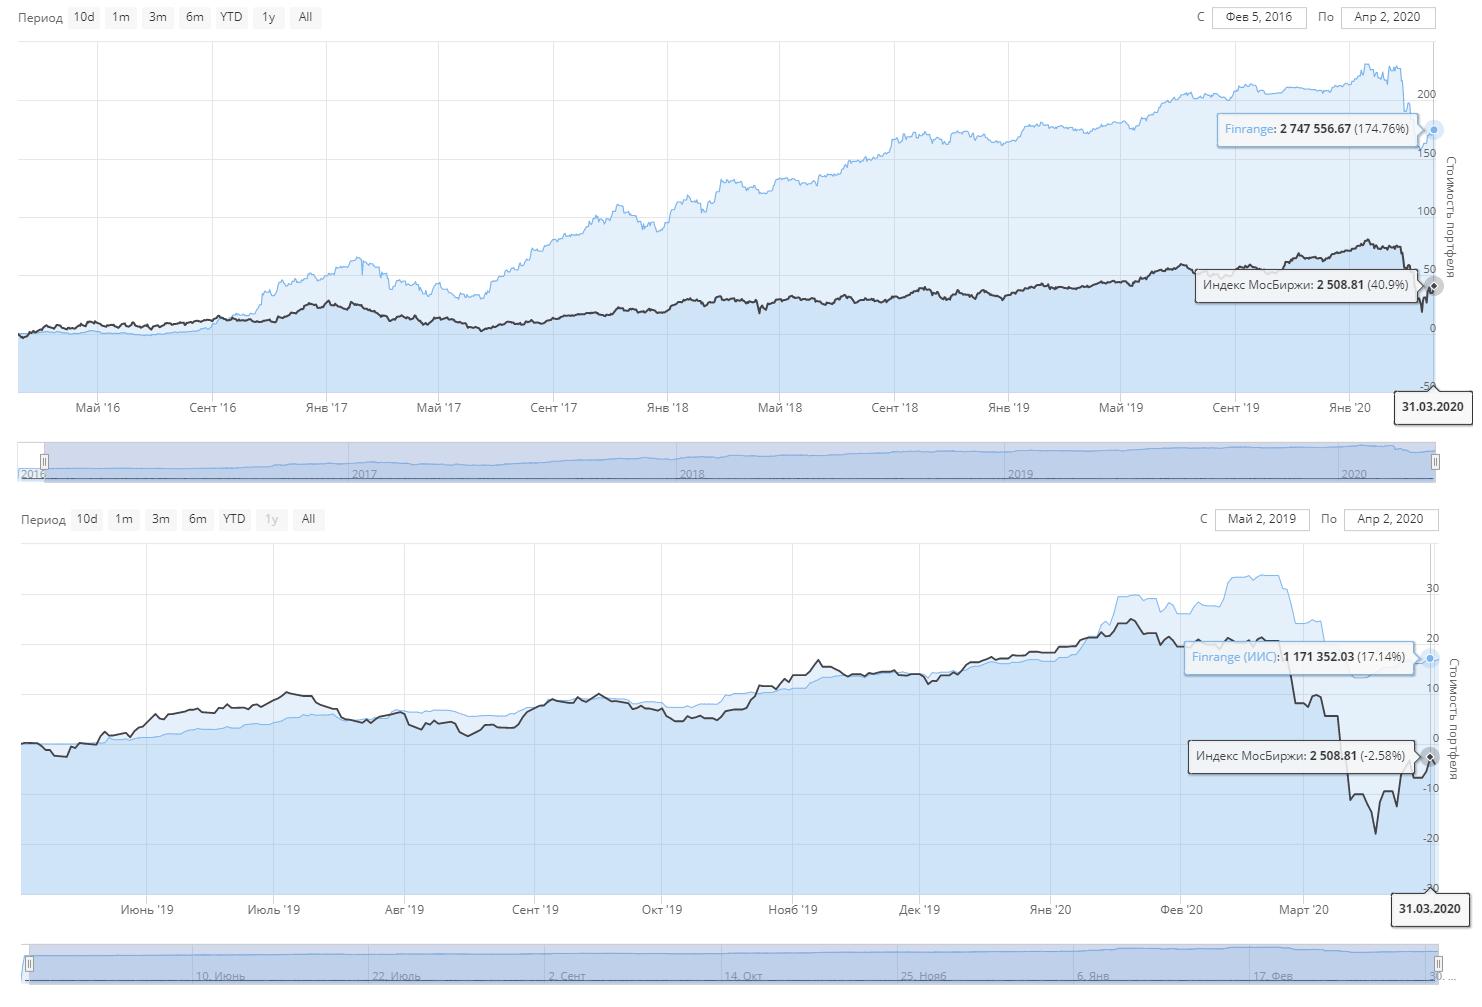 Результаты наших инвестиционных портфелей по итогам марта 2020 г. Продолжаем «бороться с рынком»